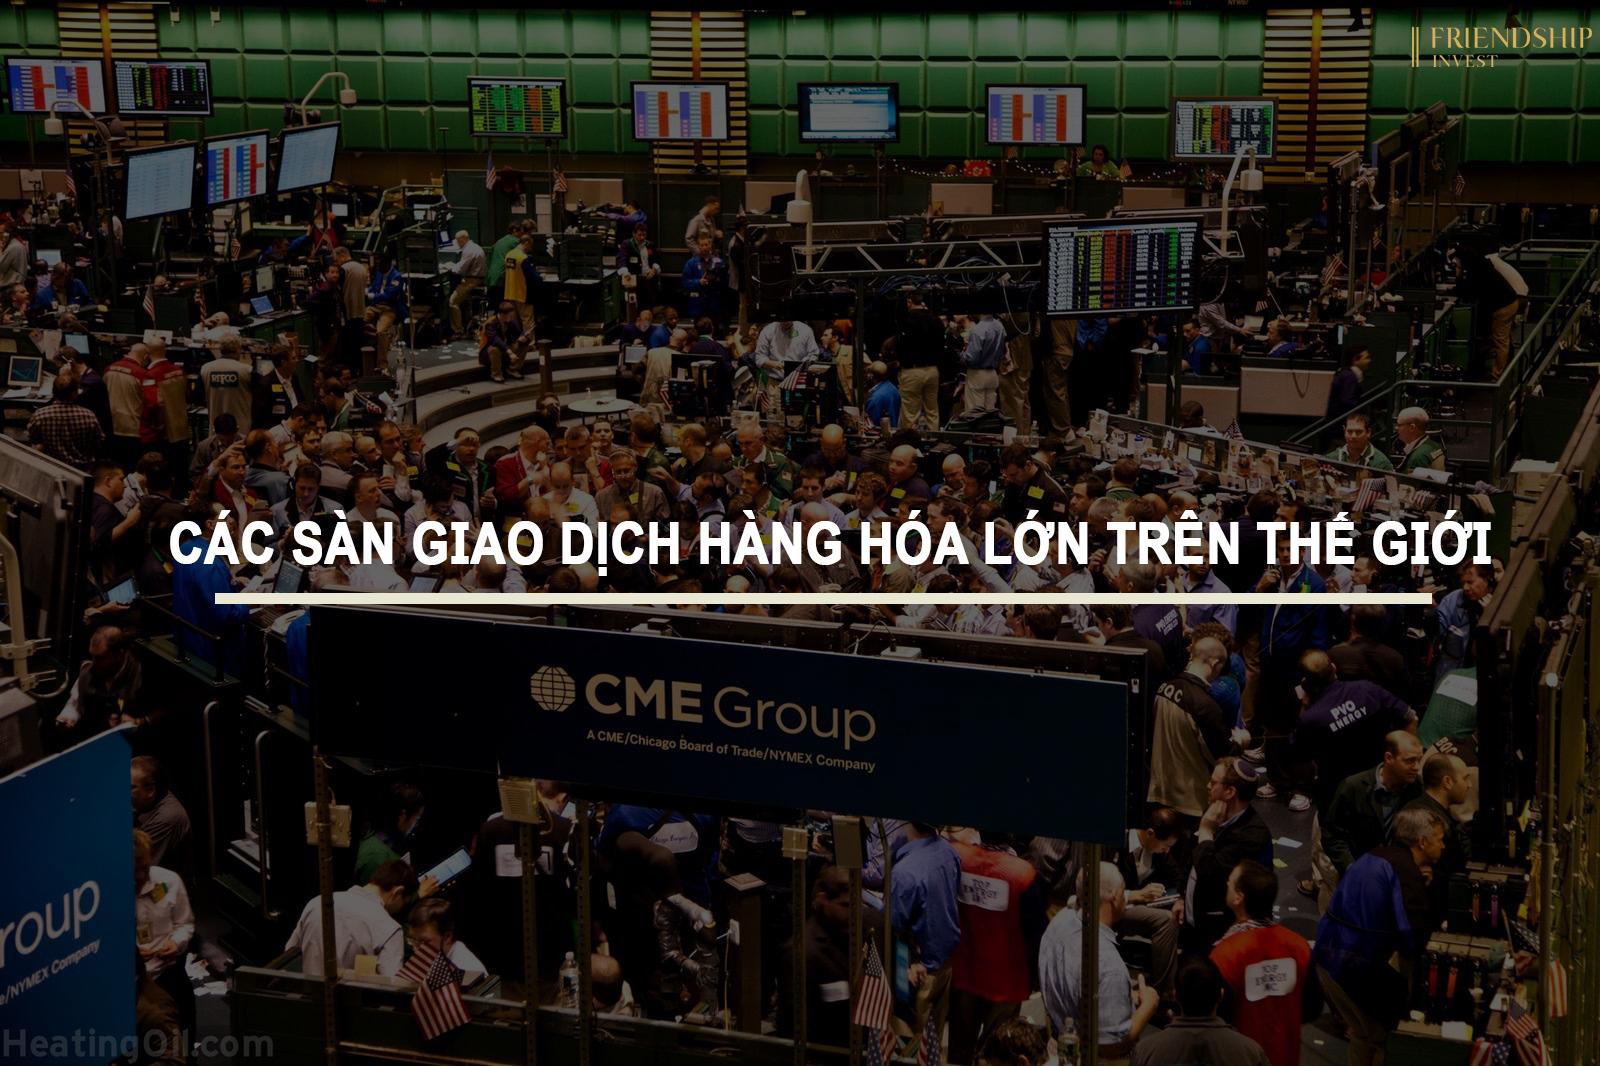 Các sàn giao dịch hàng hóa lớn trên thế giới